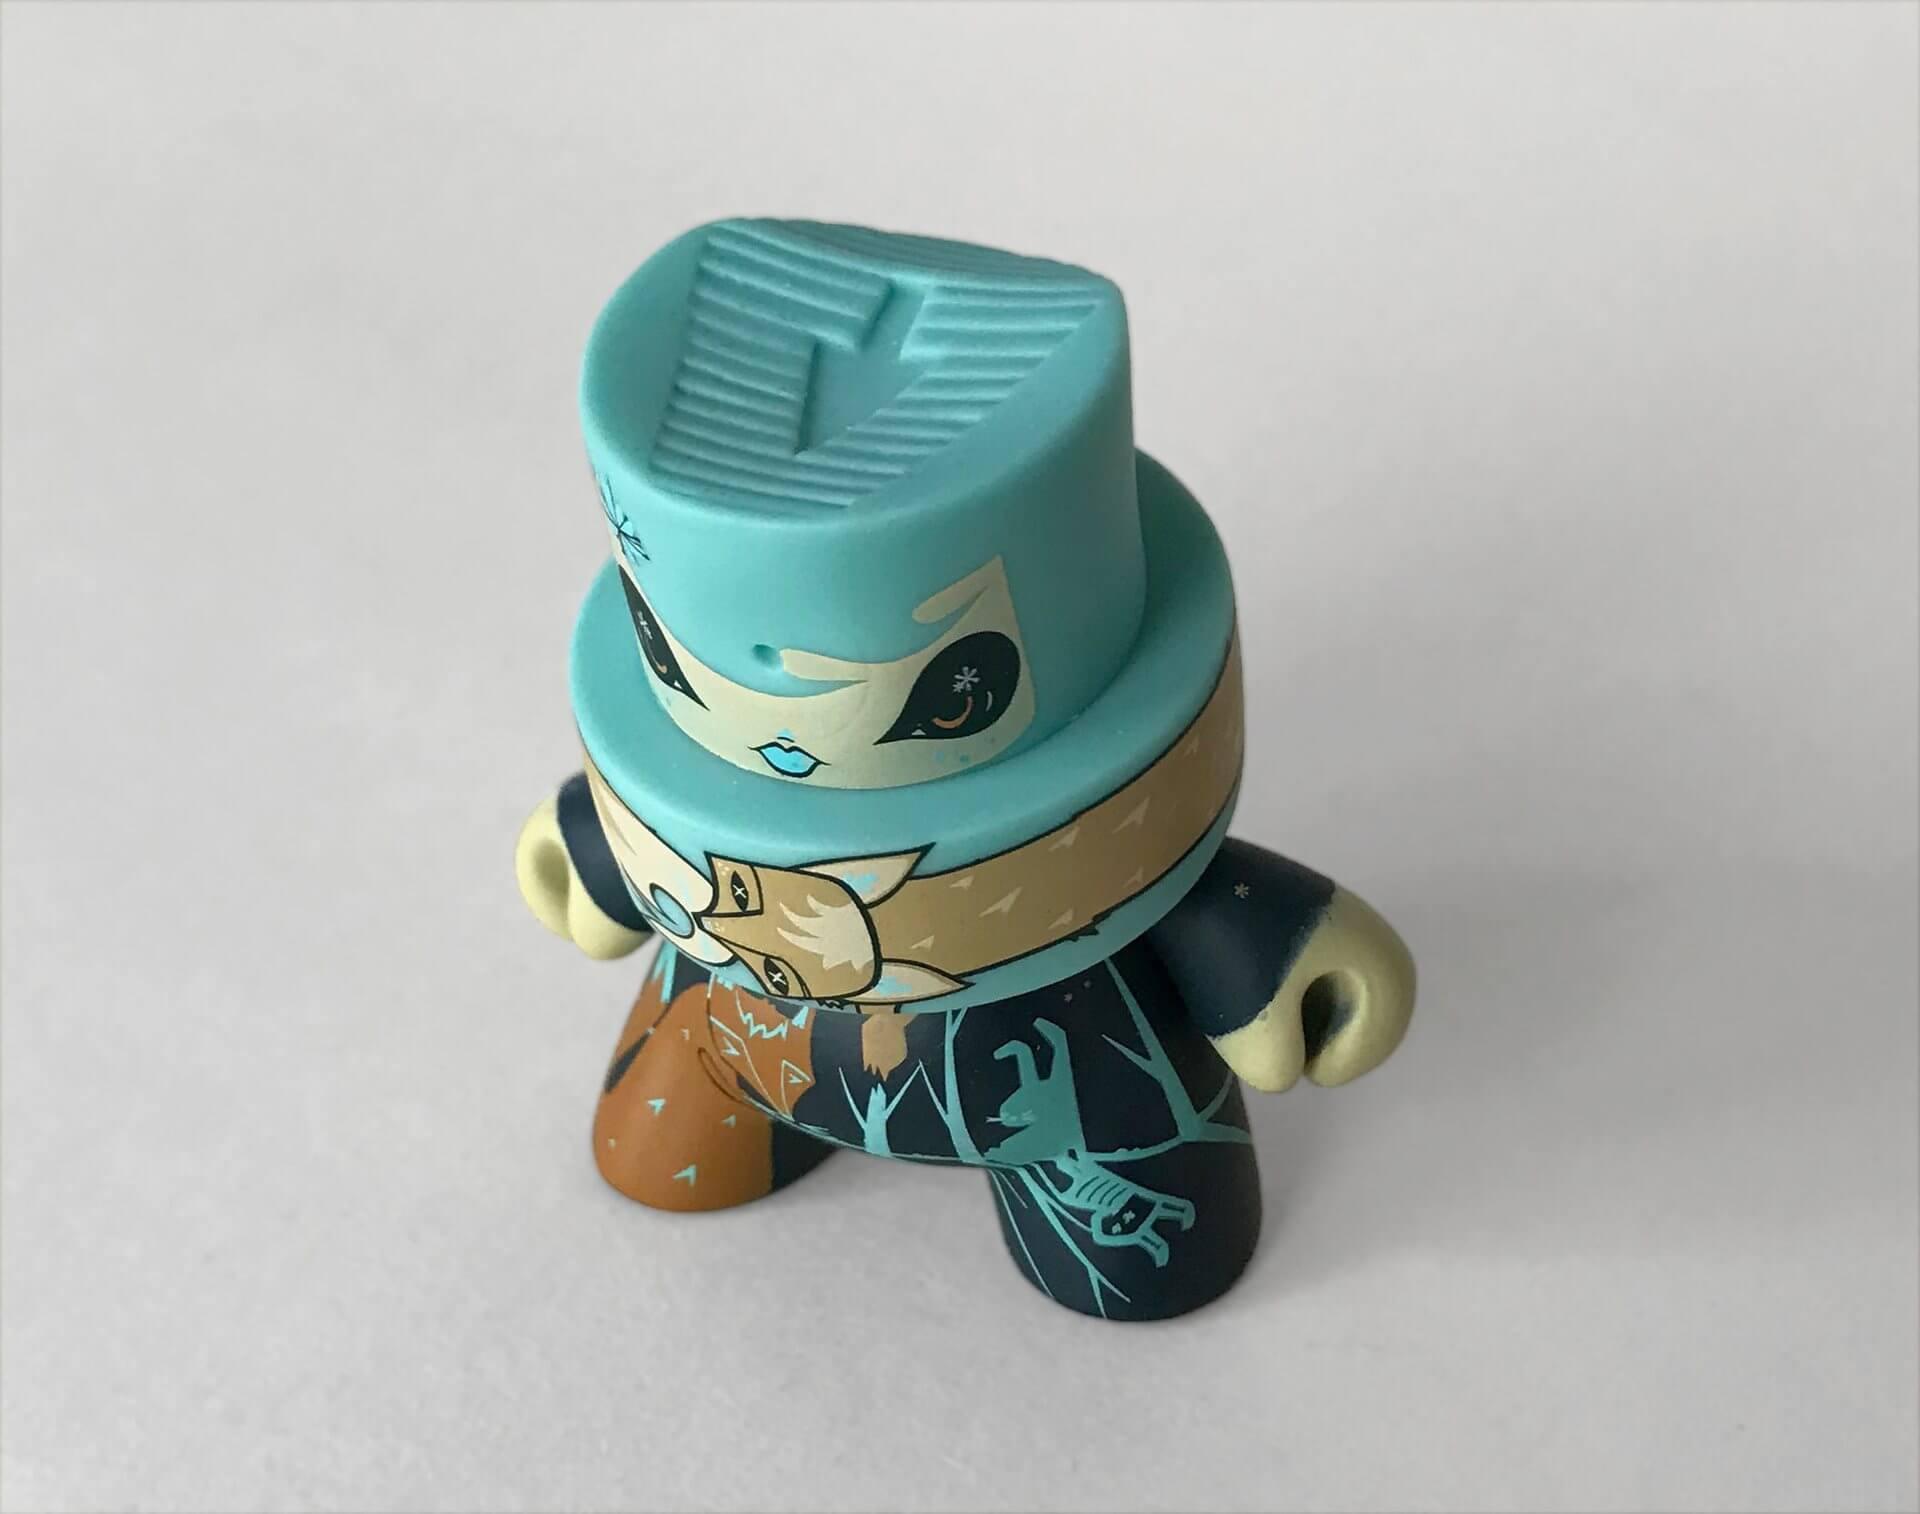 julie-west-kidrobot-fatcap-3